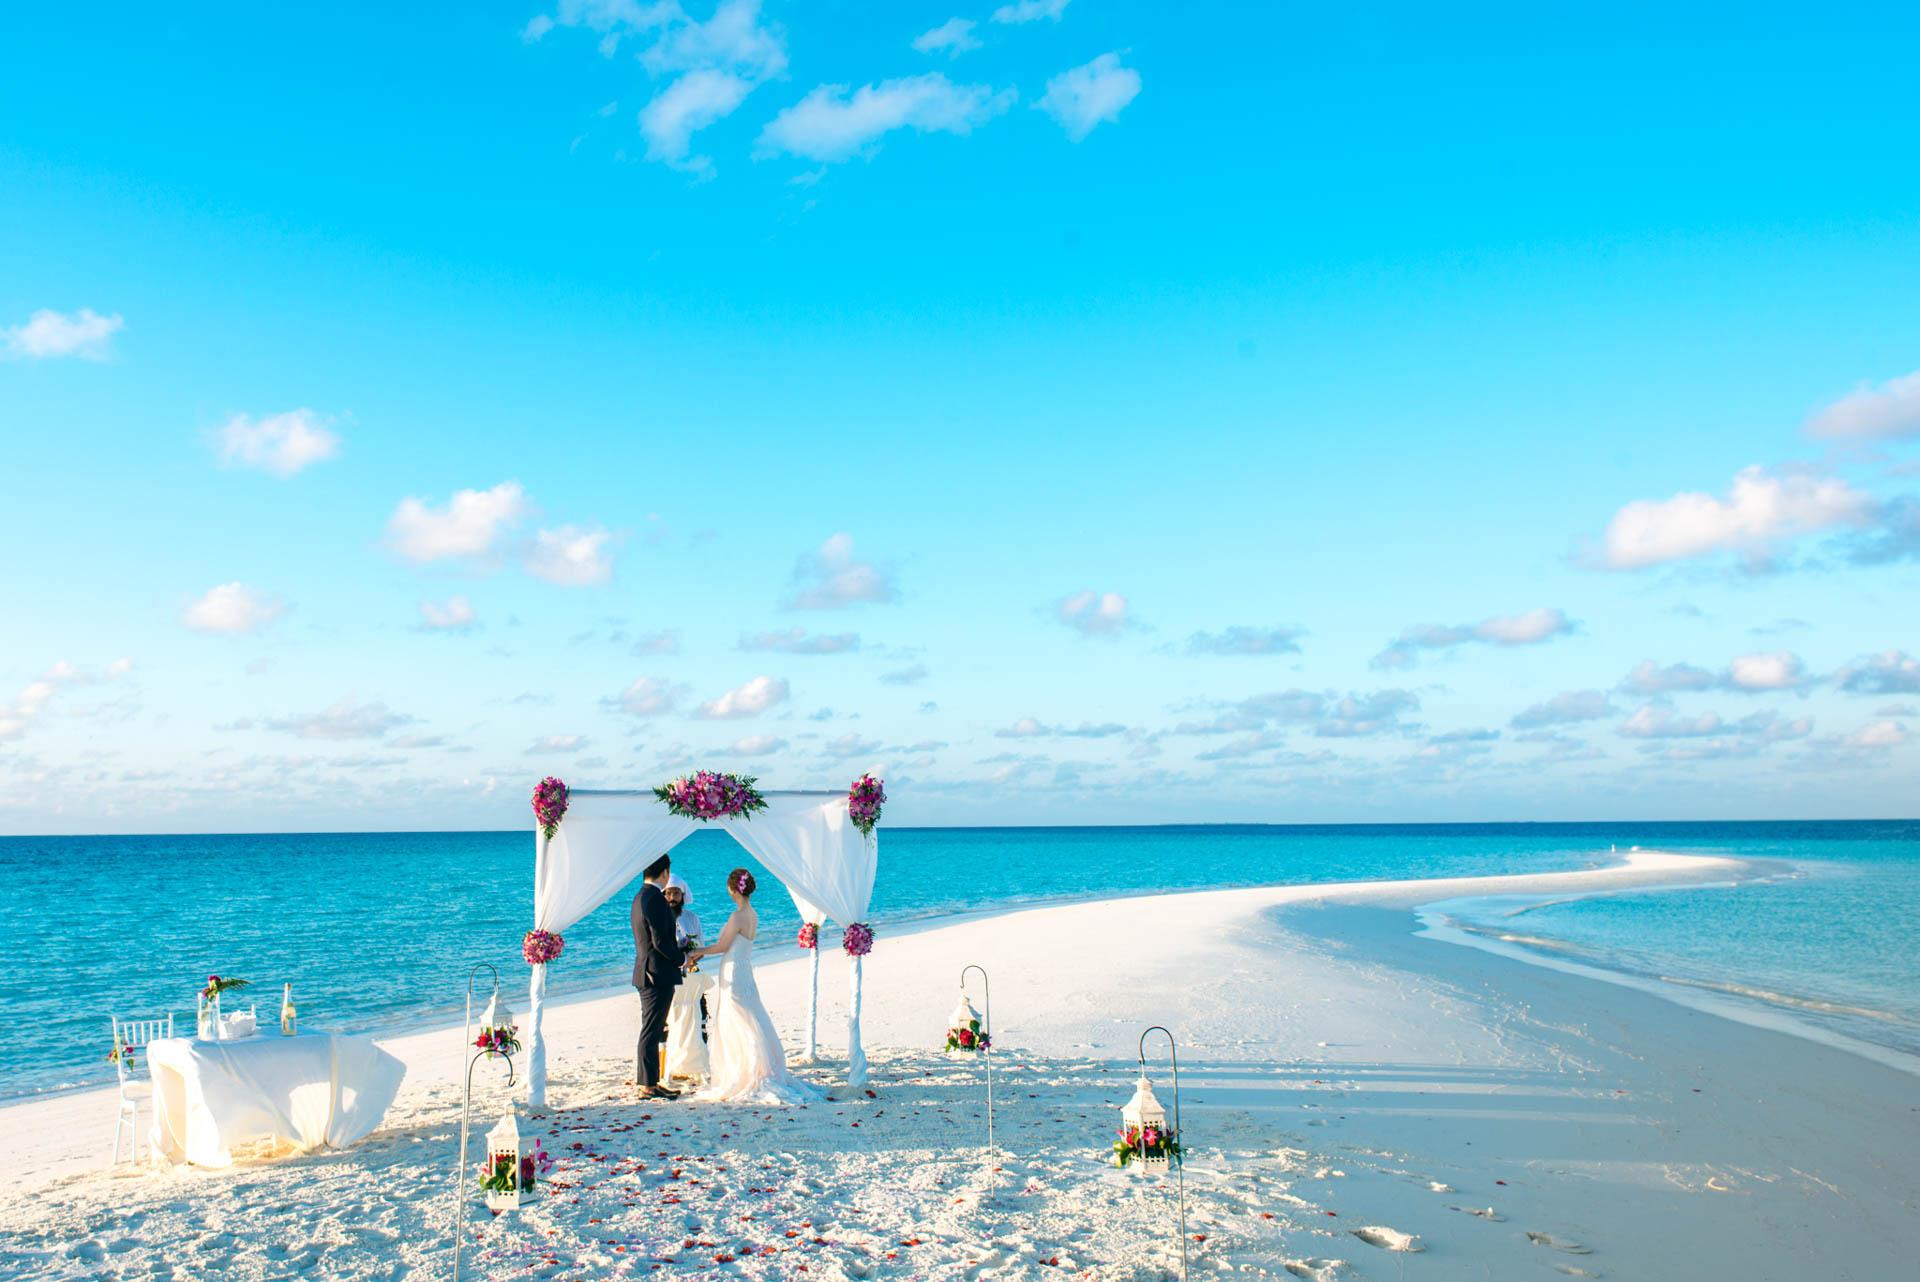 Kang Kim Sand Bank Wedding at St Regis Vommuly Maldives 12